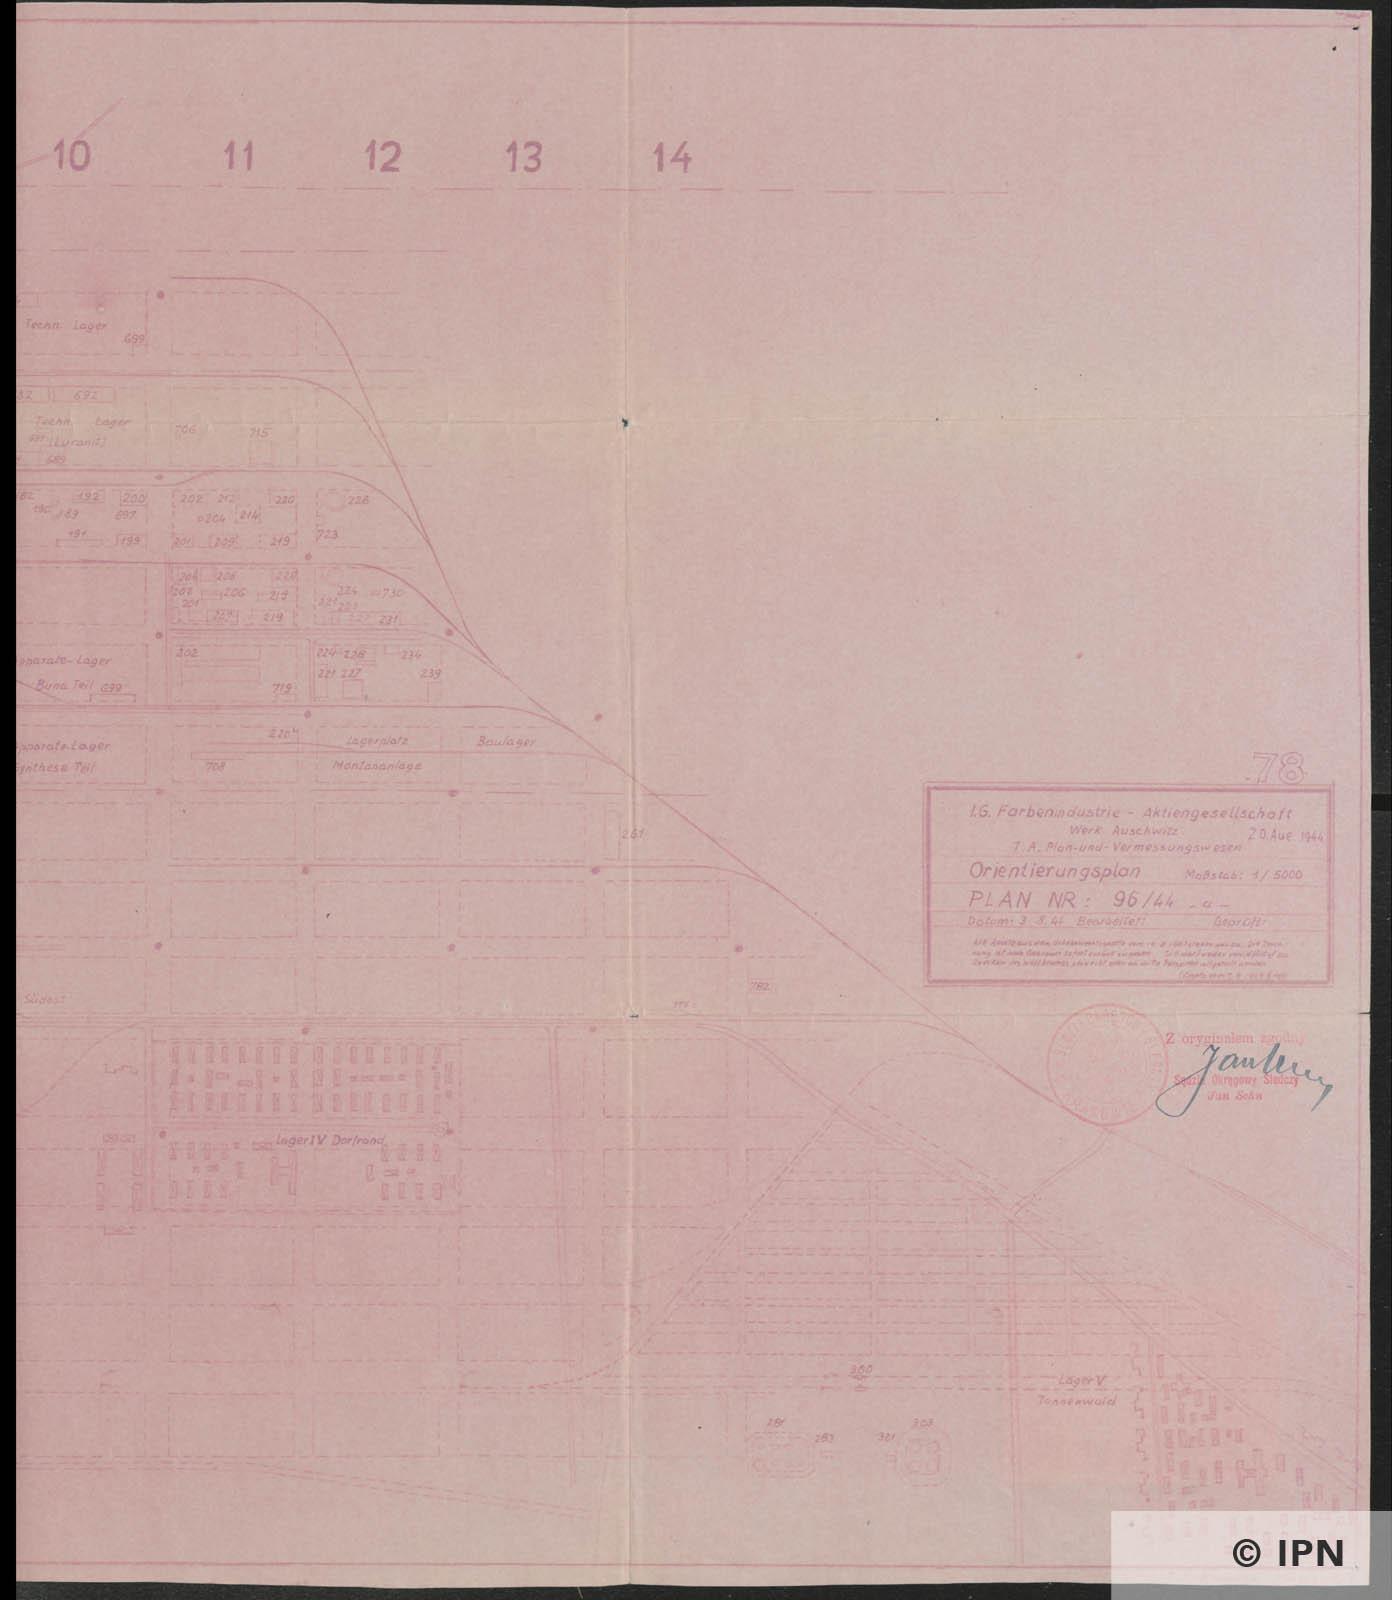 IG Farben AG Werk Auschwitz Plan. 20 August 1944 IPN GK 196 101 0042